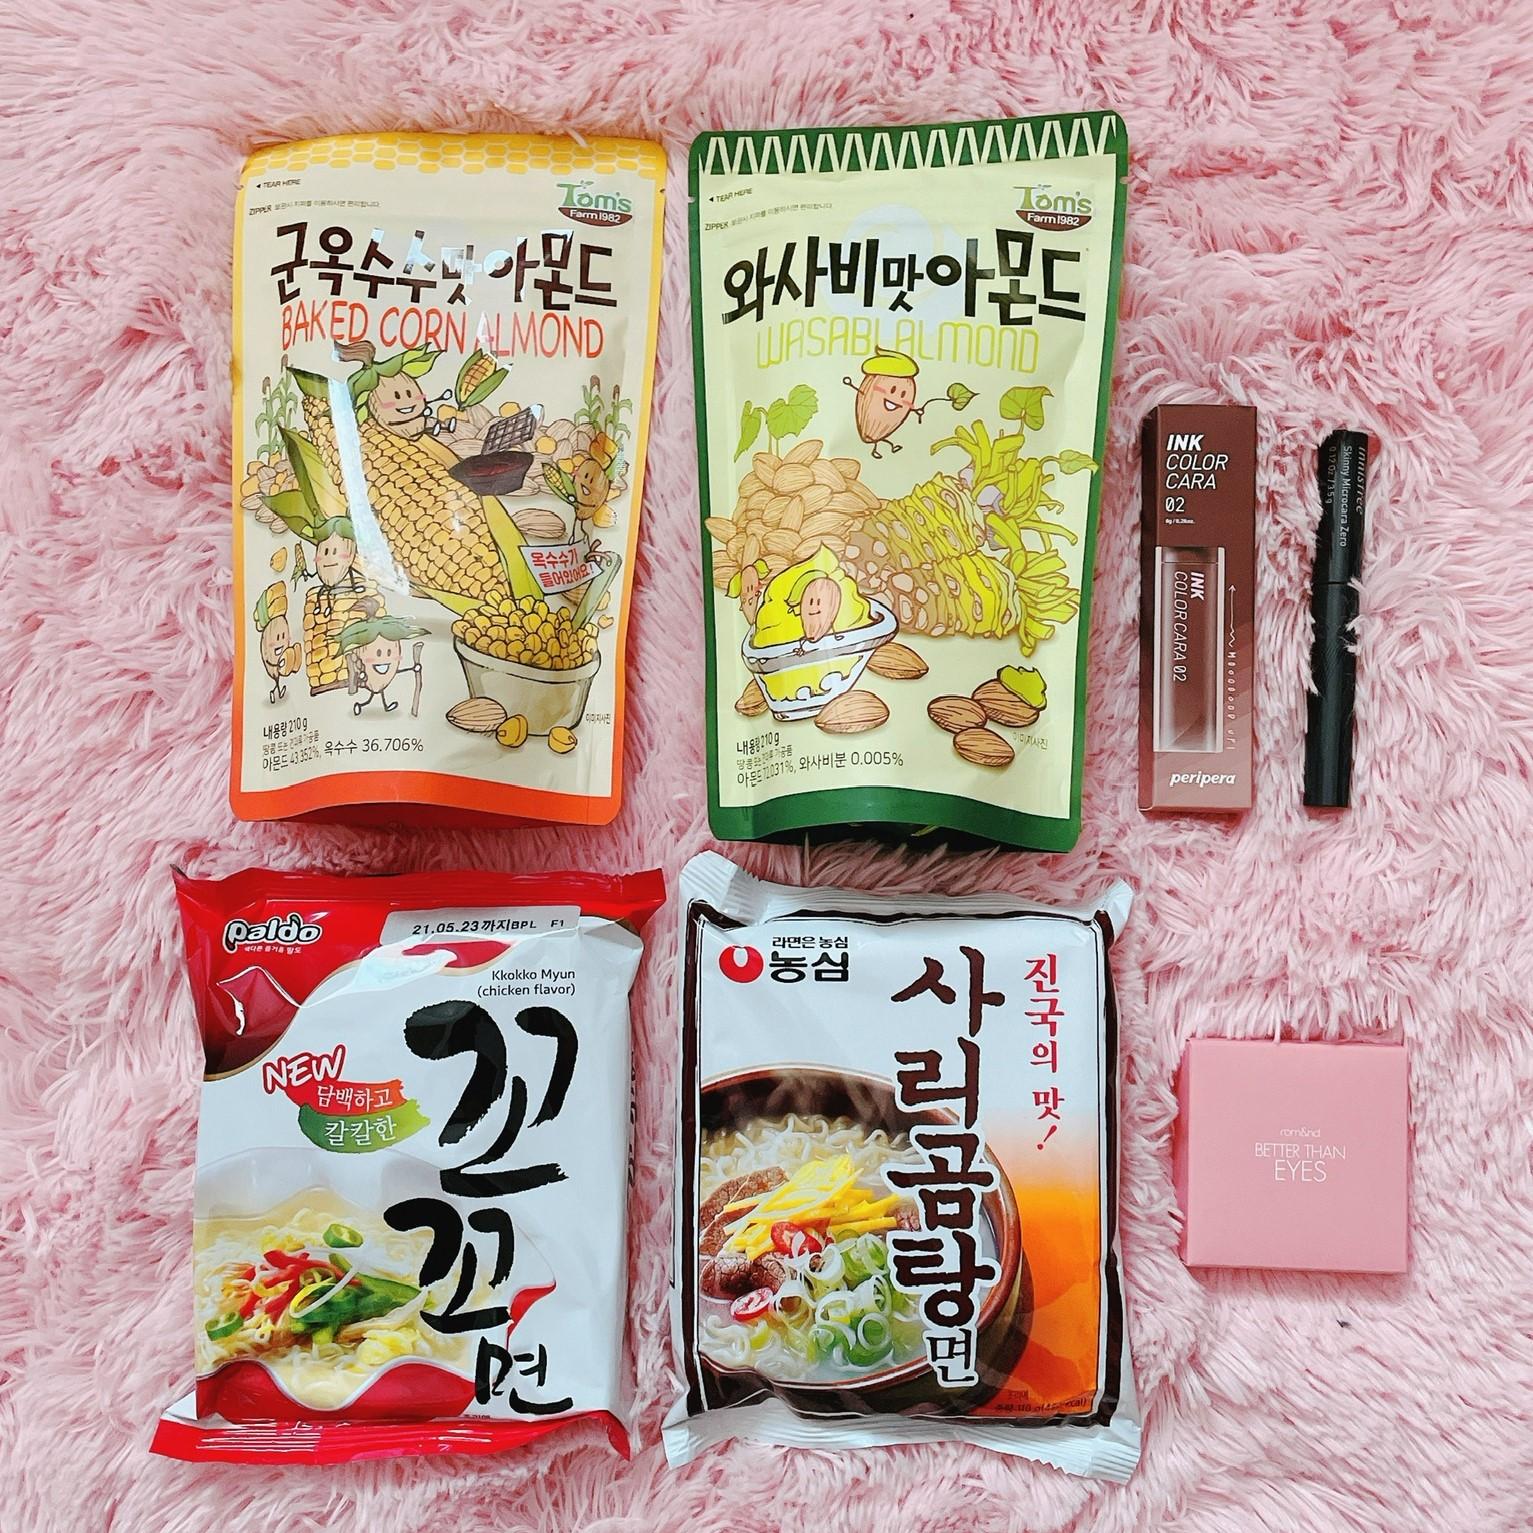 【韓国食材】スタイルコリアンで買ったもの【韓国コスメ】のアイキャッチ画像